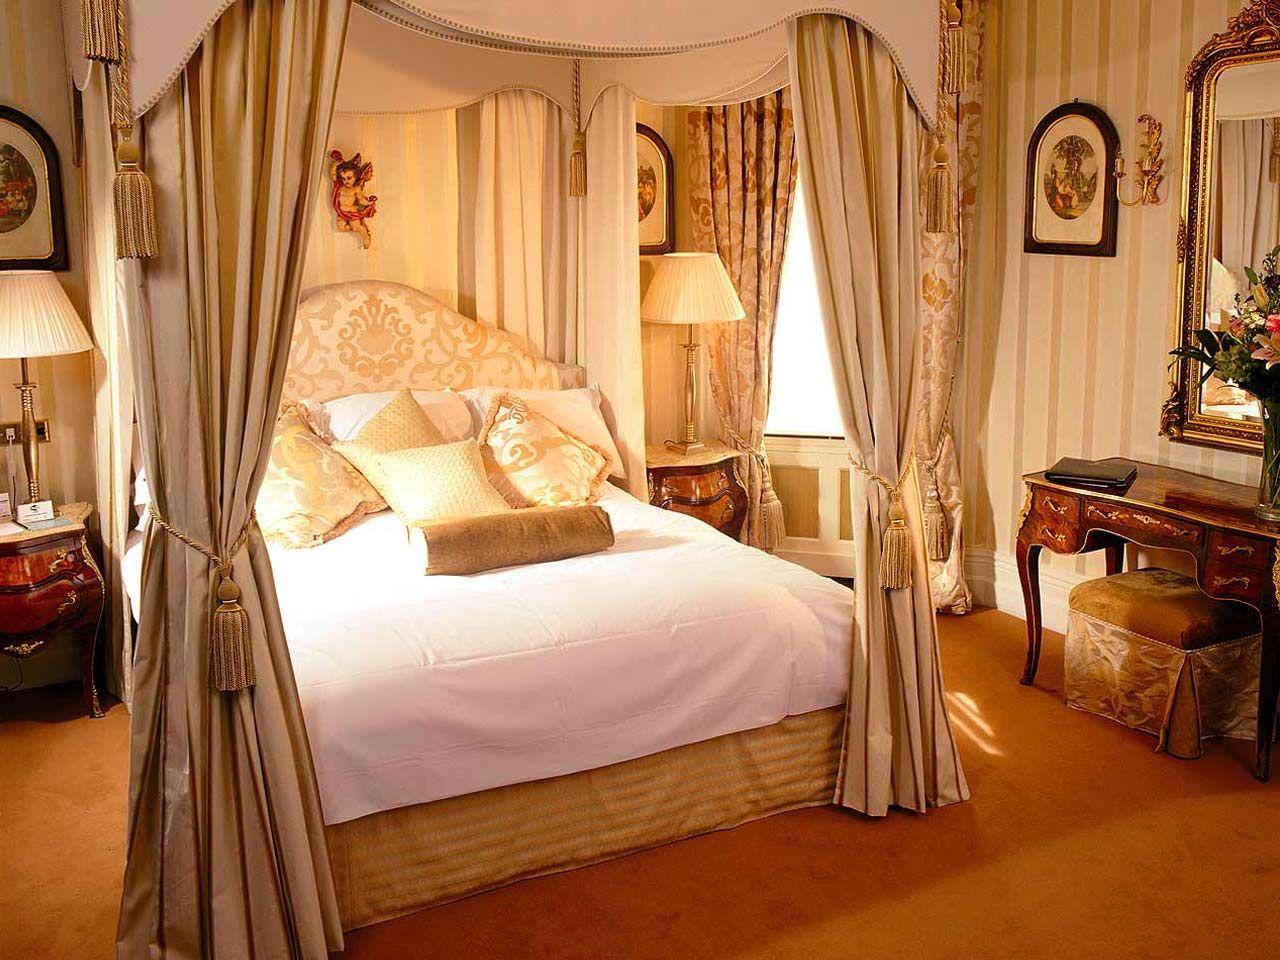 Castle Hotels Dublin 4 Star Luxury Hotels